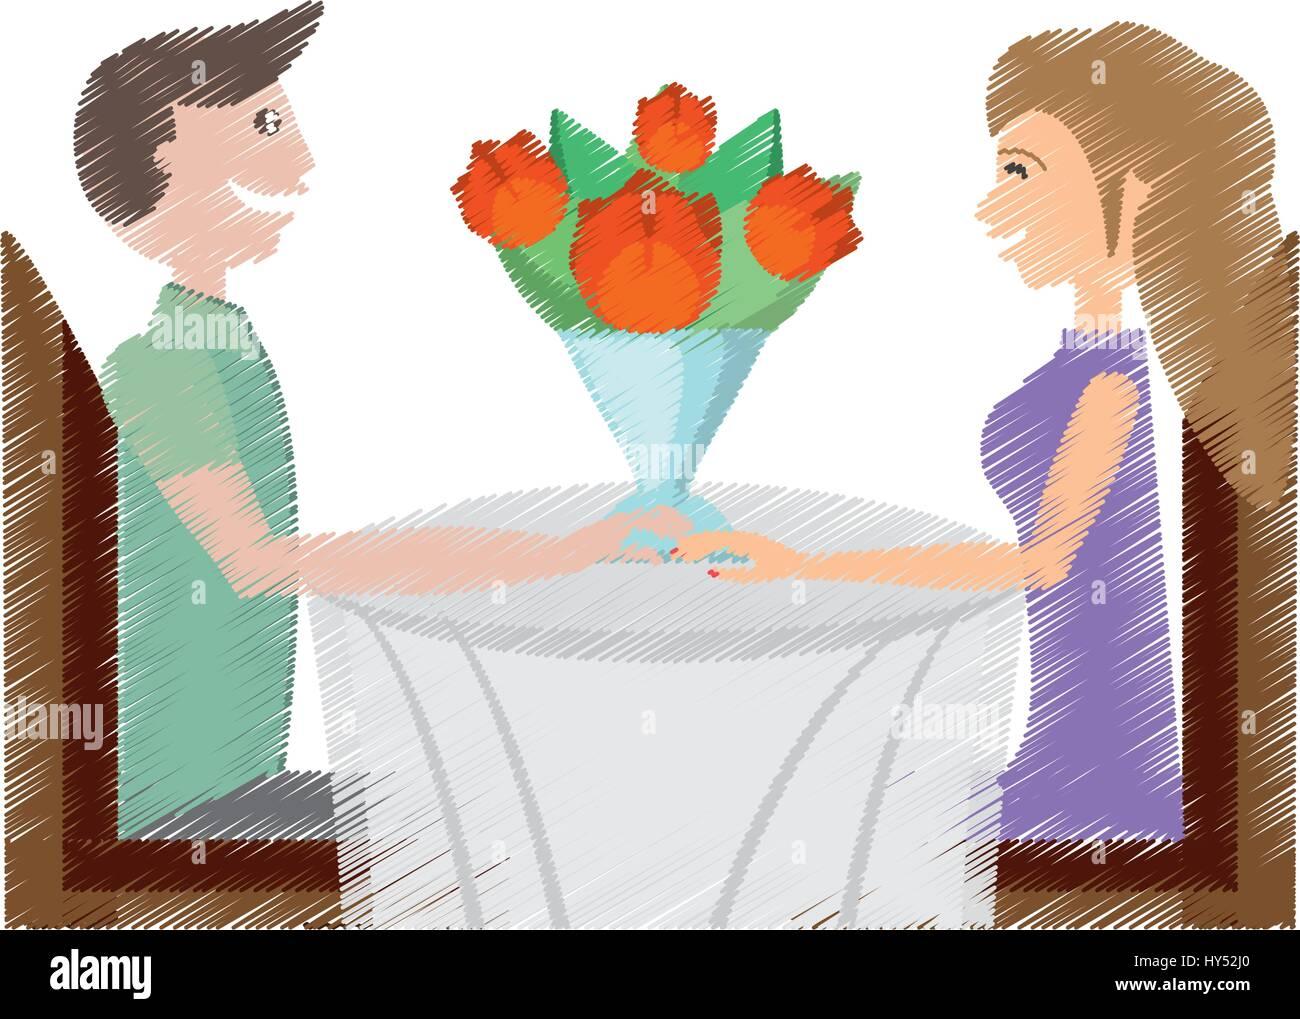 Dating online app